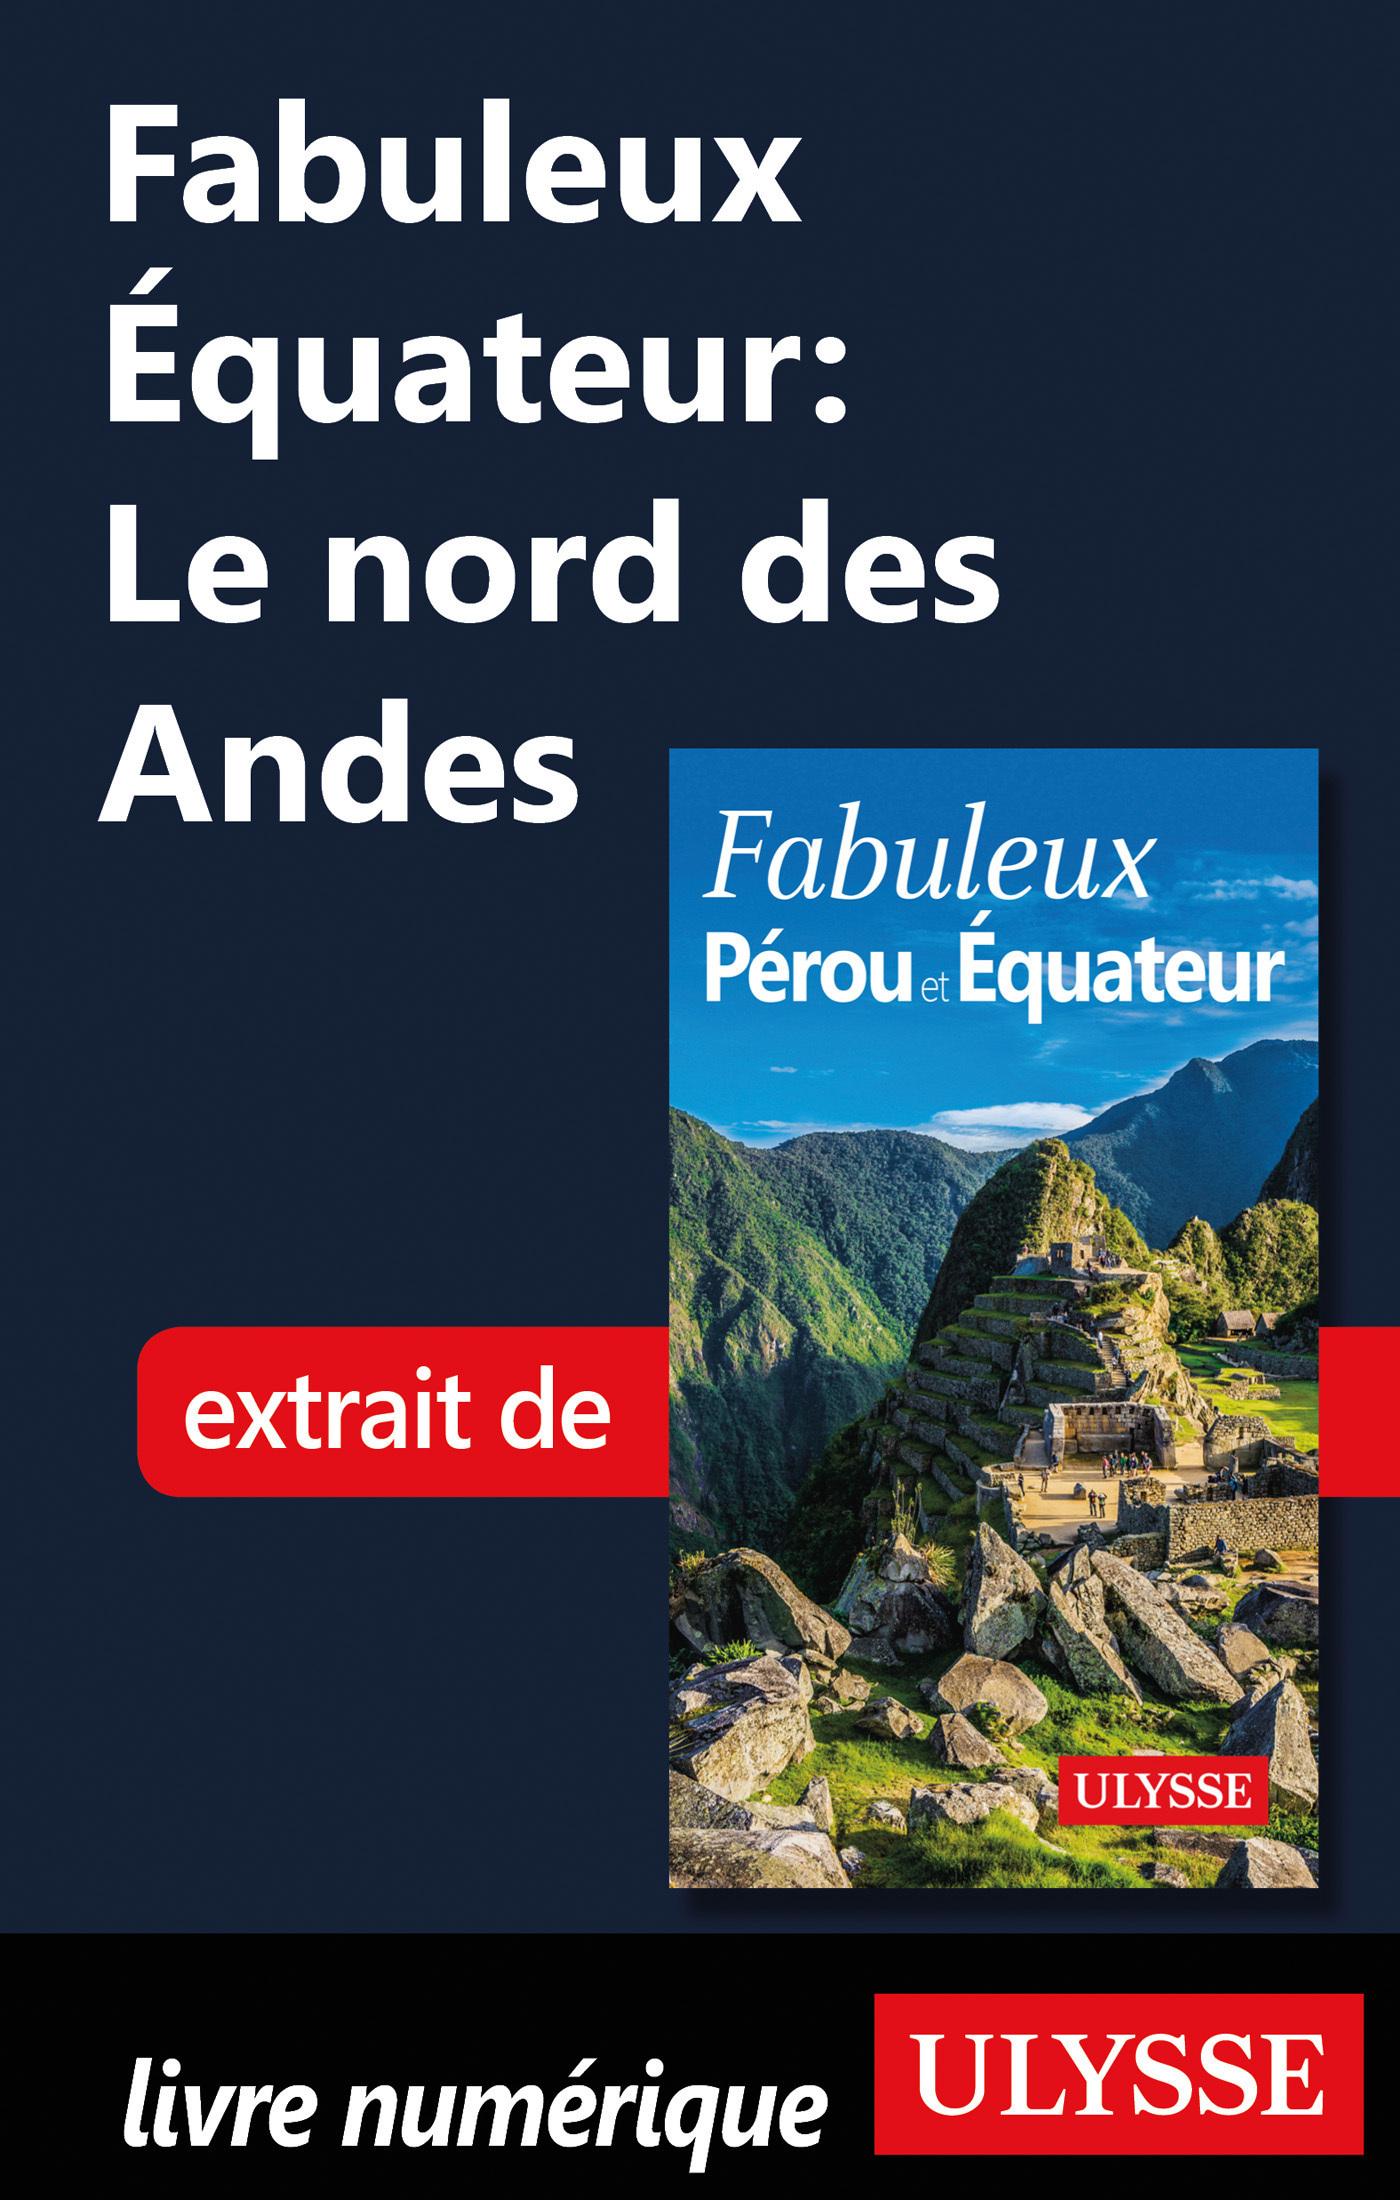 Fabuleux Equateur : Le nord des Andes